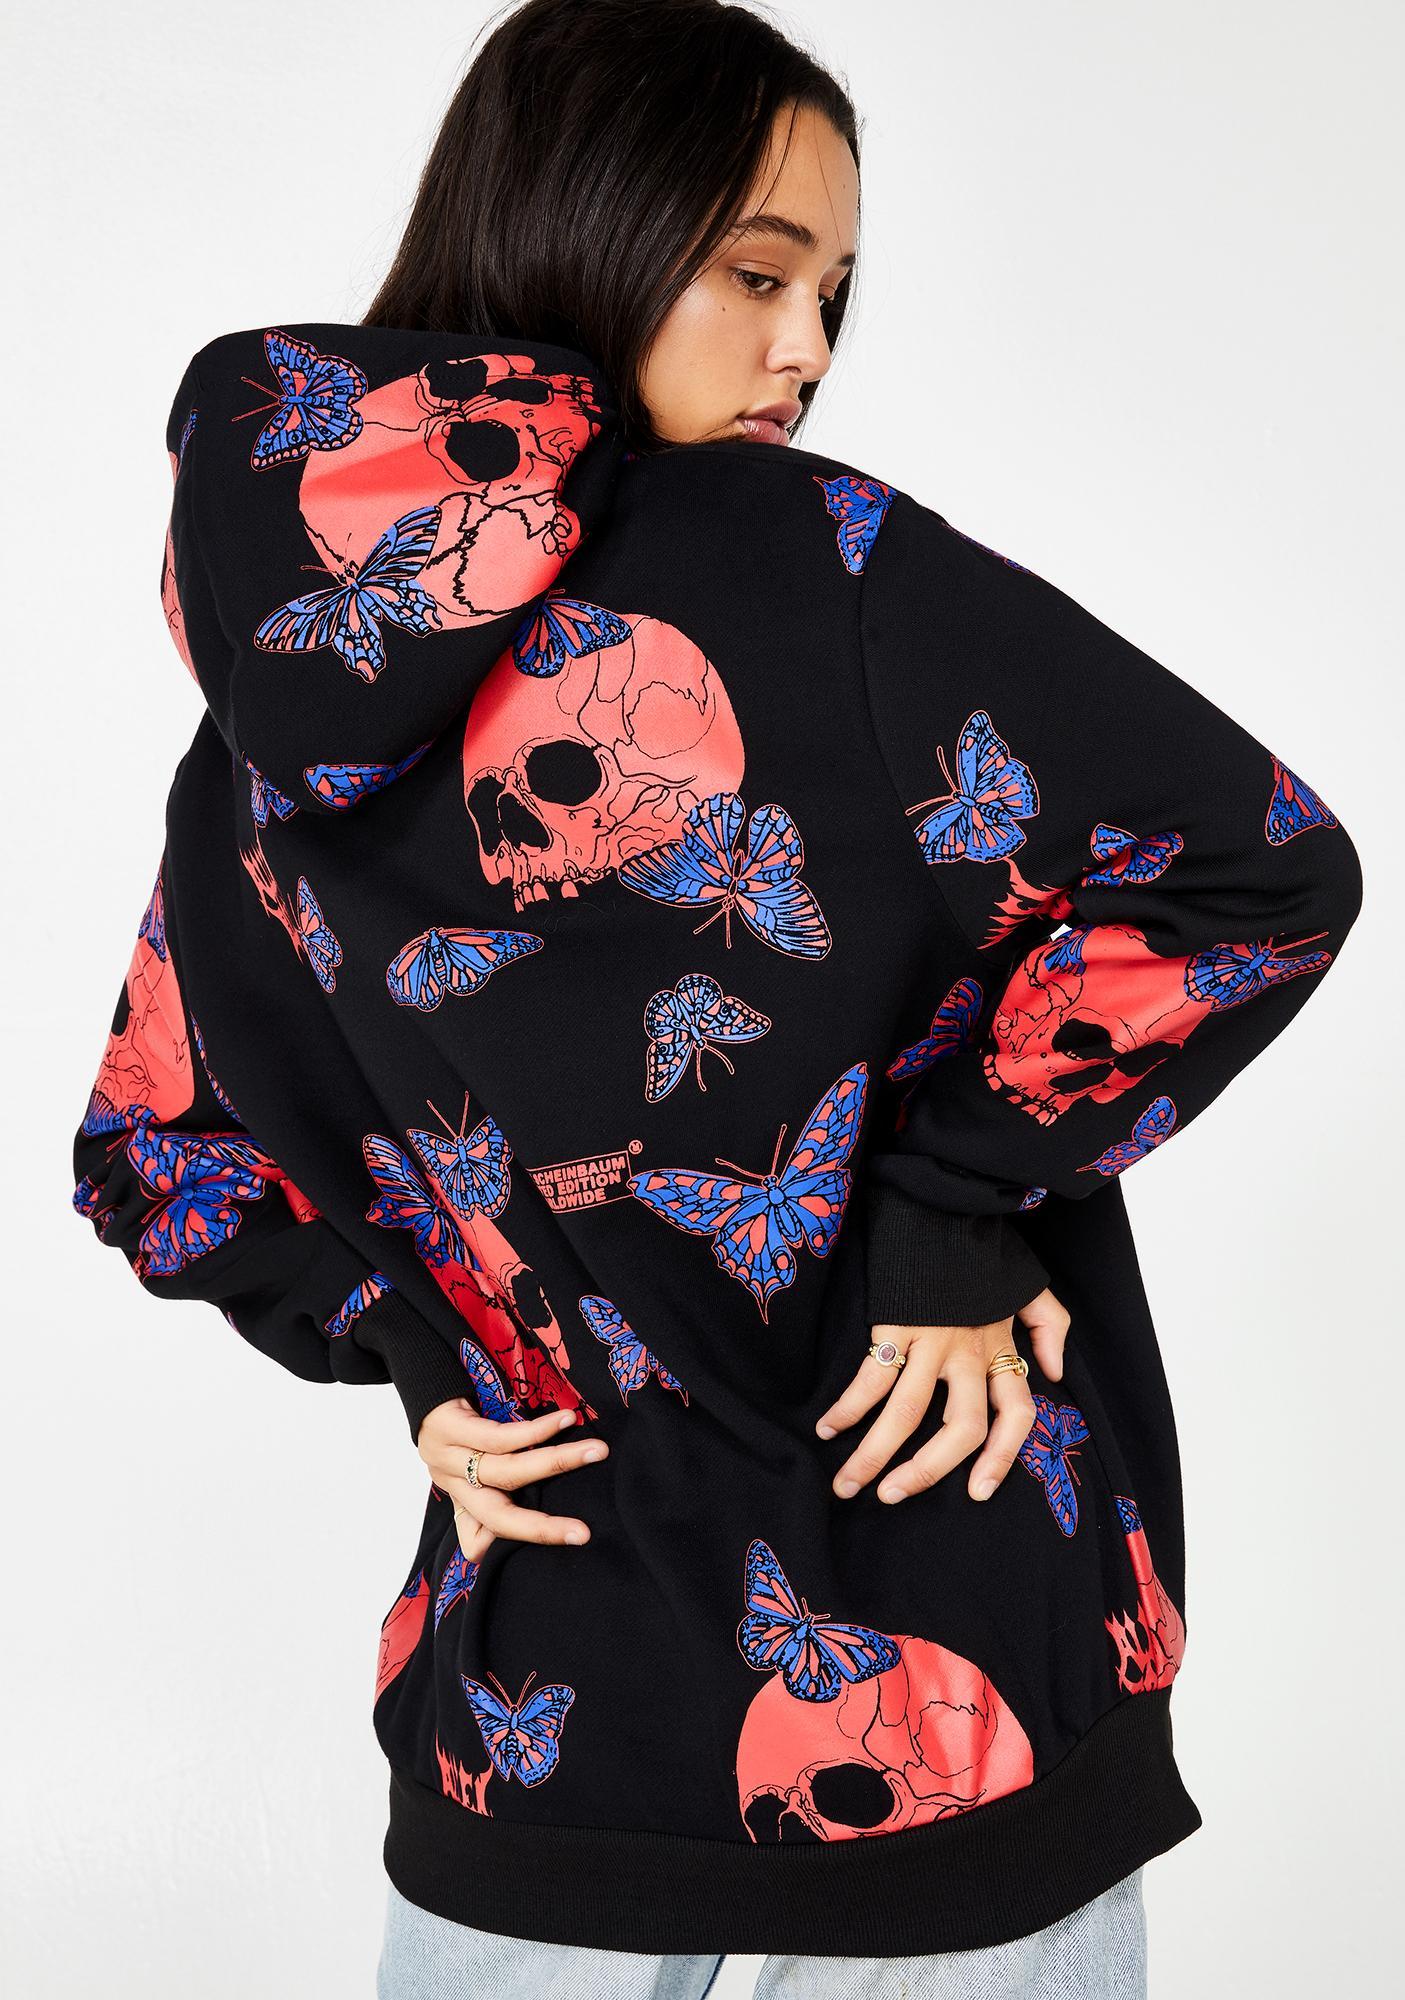 ALIEN BODY Butterfly Skull All Over Print Fleece